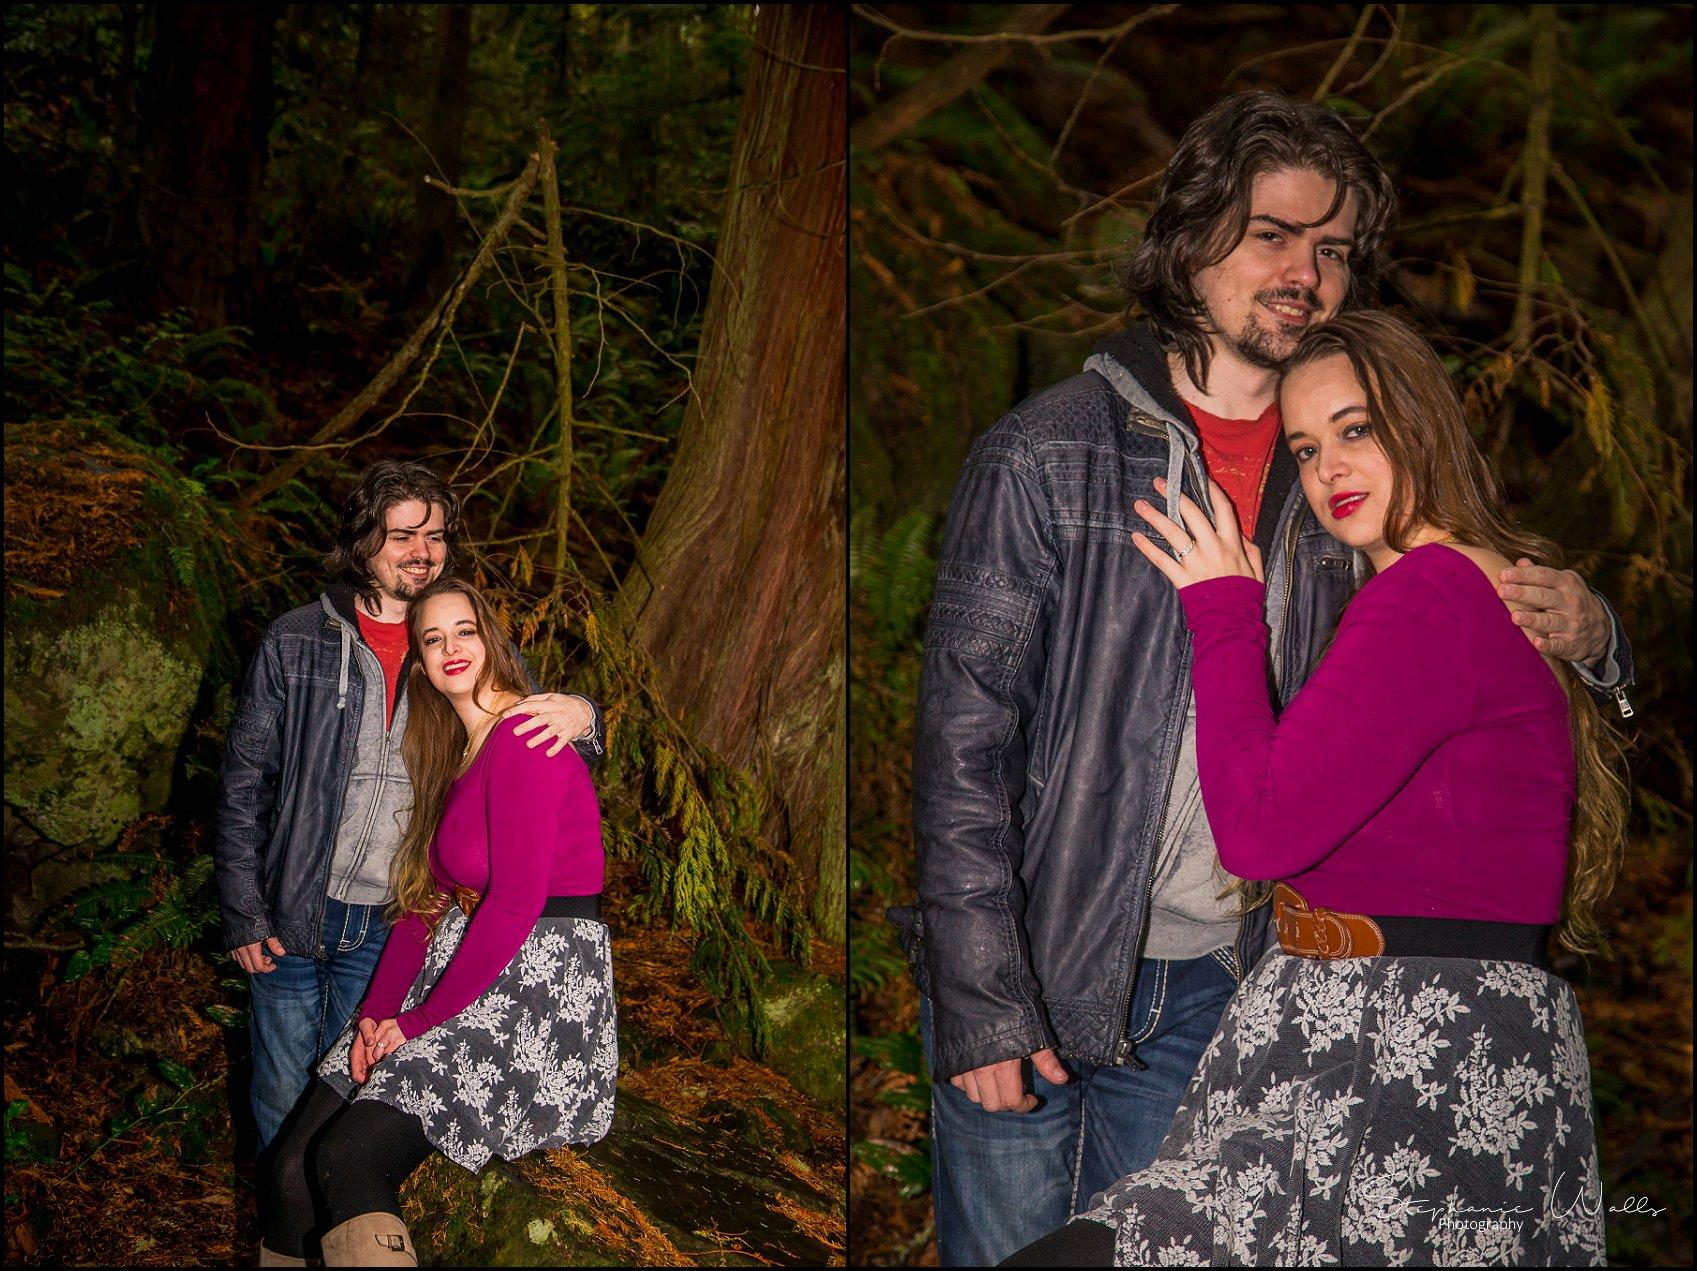 Foss 023 Engaged  Deception Pass Park   with Sarah and Erik